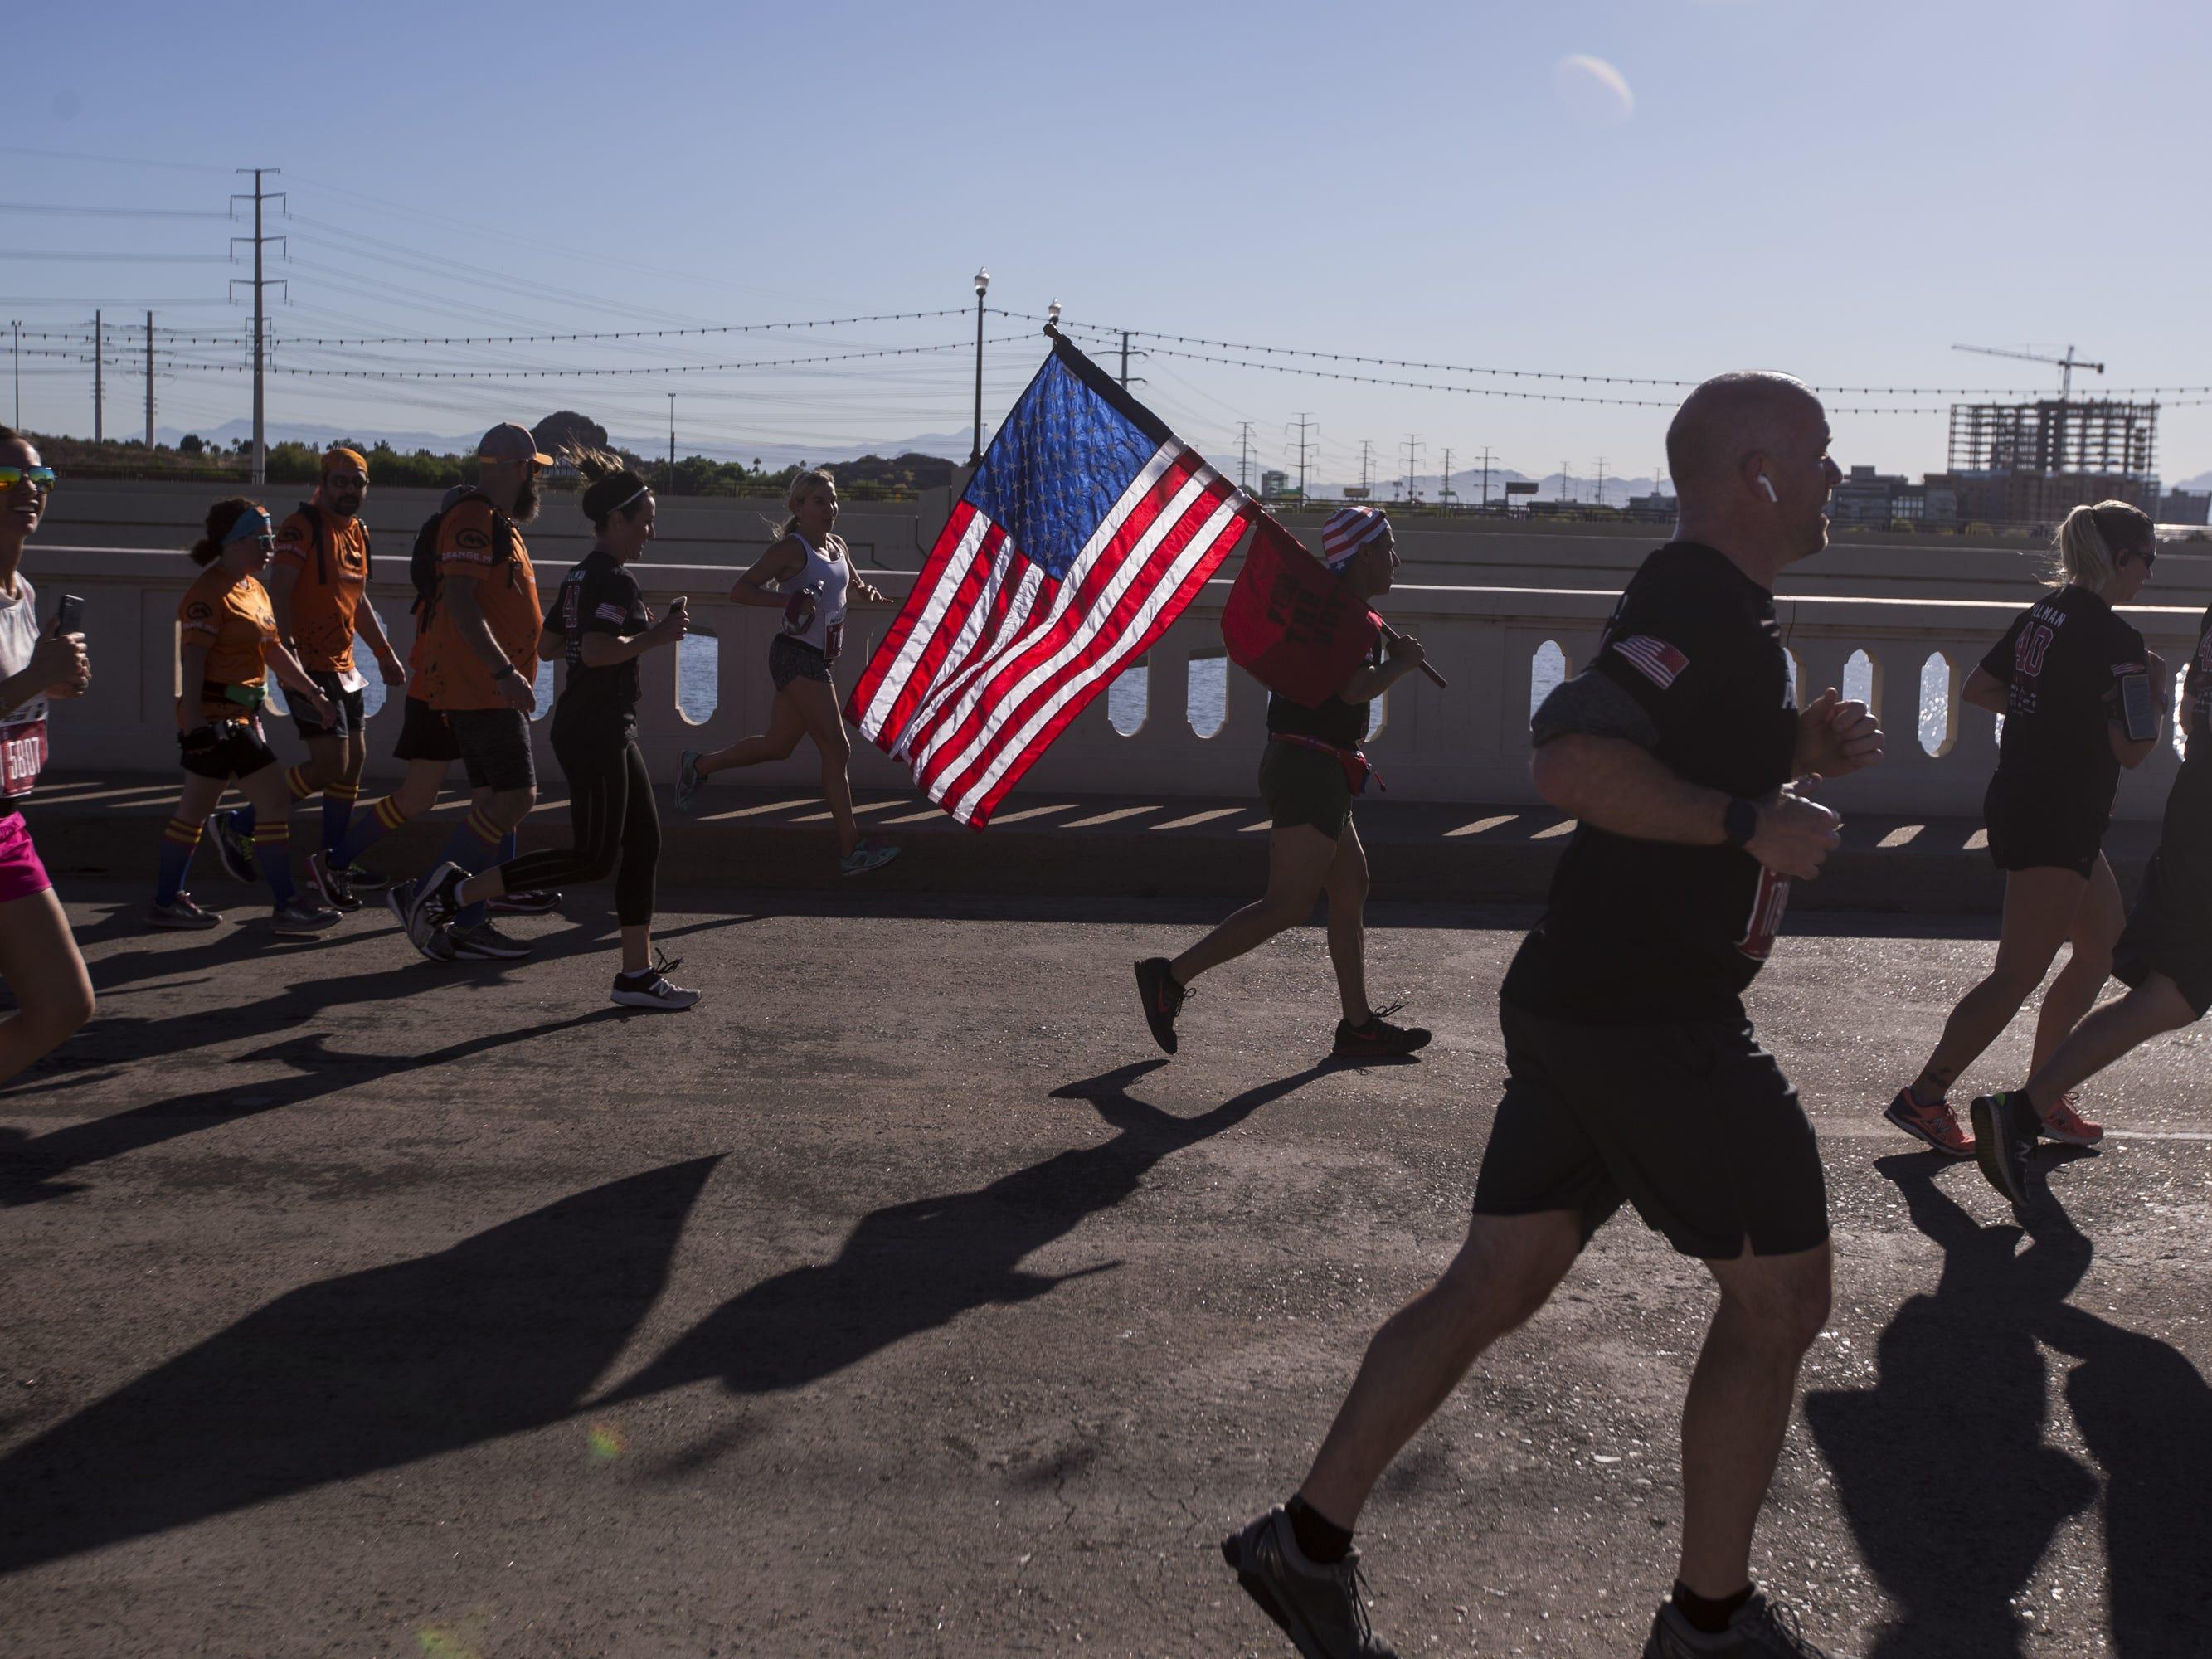 Participants run across the Mill Avenue bridge during the 15th Annual Pat's Run on Saturday, April 27, 2019, in Tempe, Ariz.